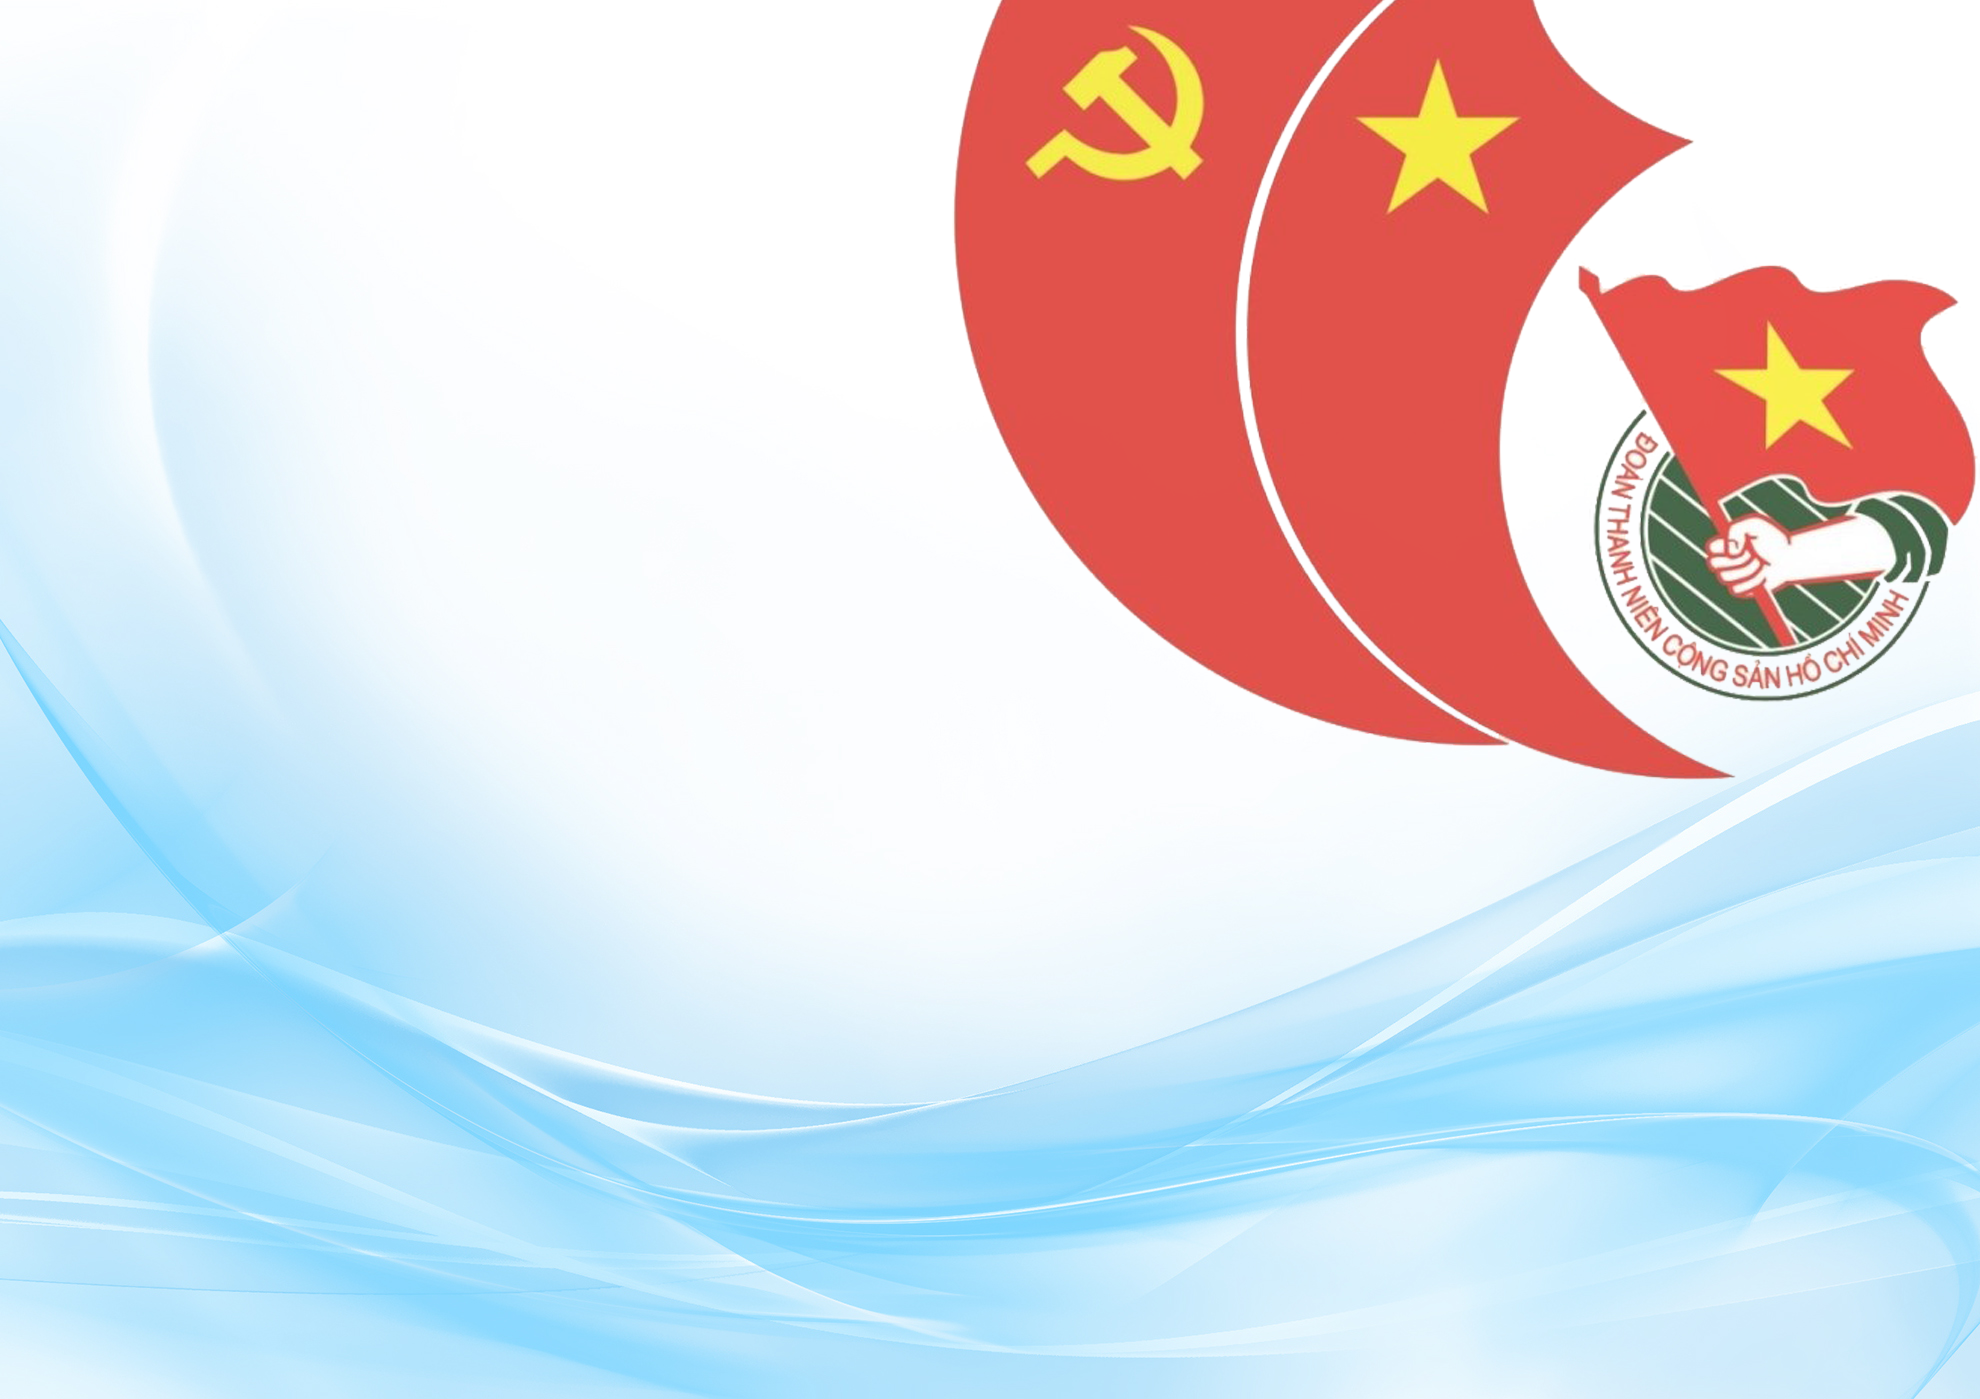 Background đoàn thanh niên Hồ Chí Minh